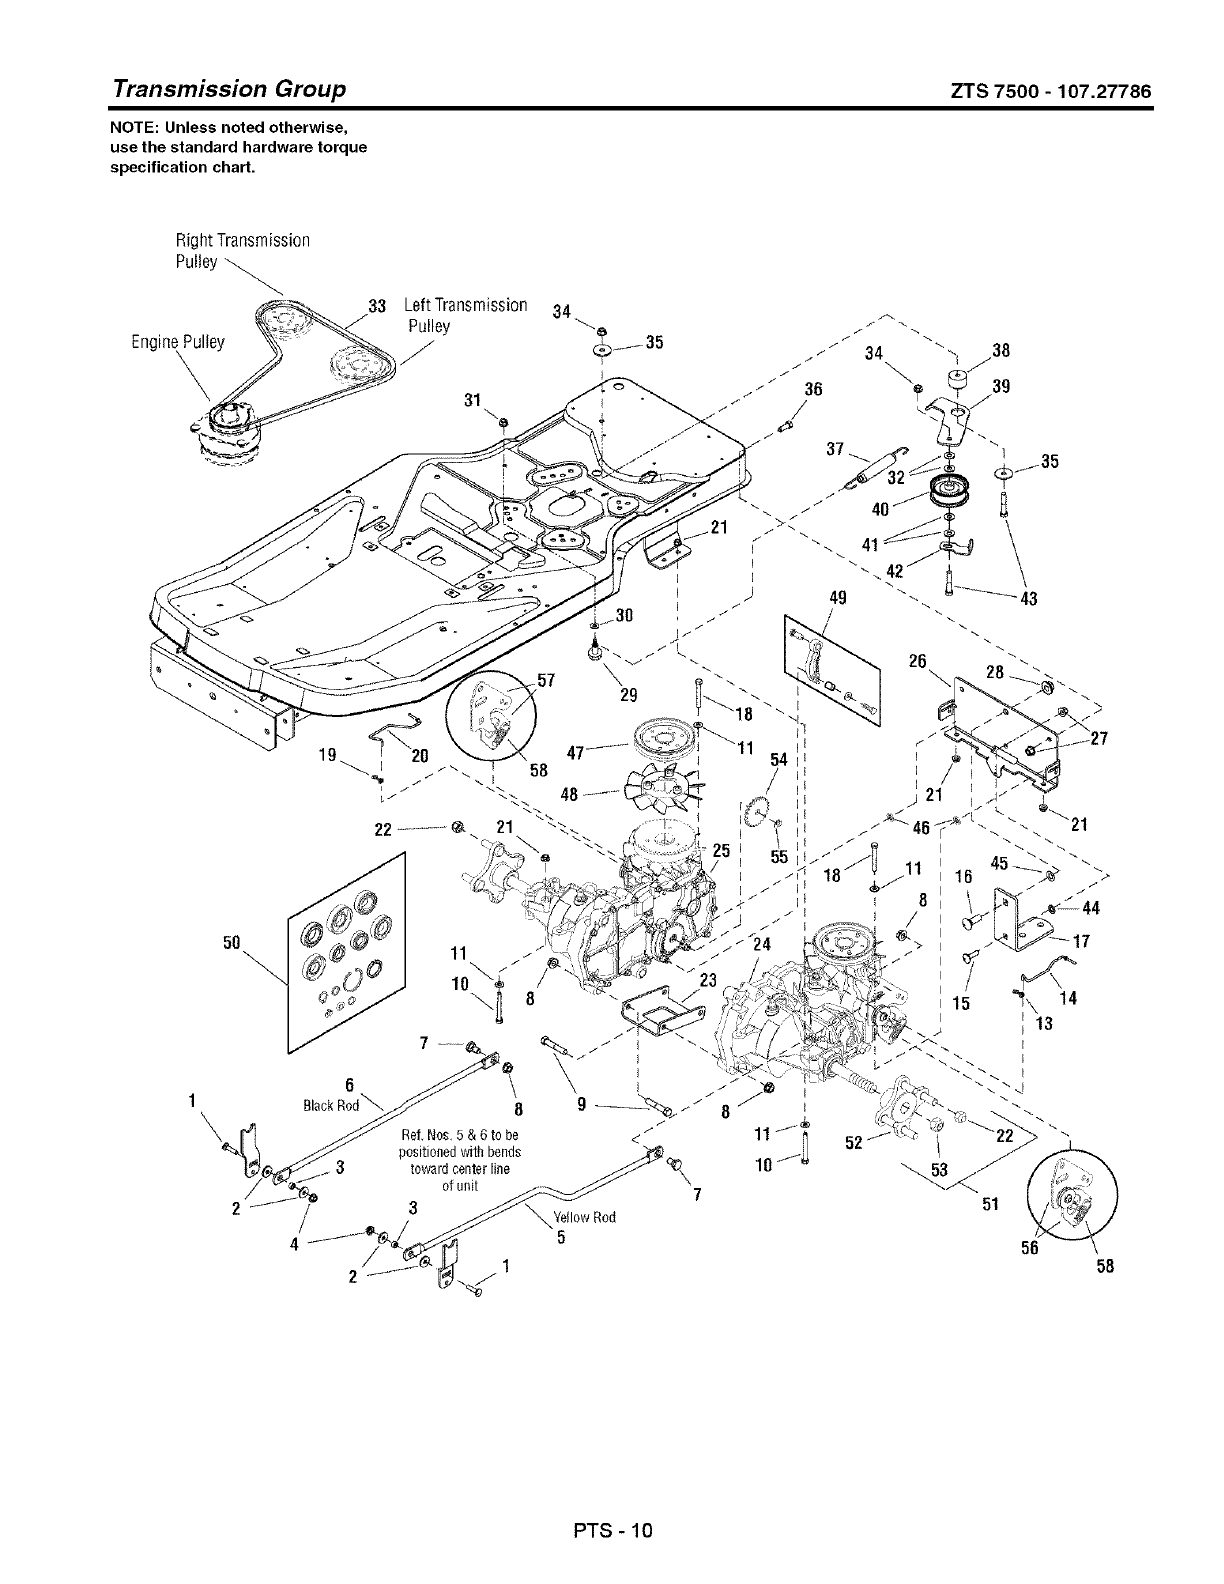 Craftsman 107277860 User Manual ZERO TURN REAR ENGINE